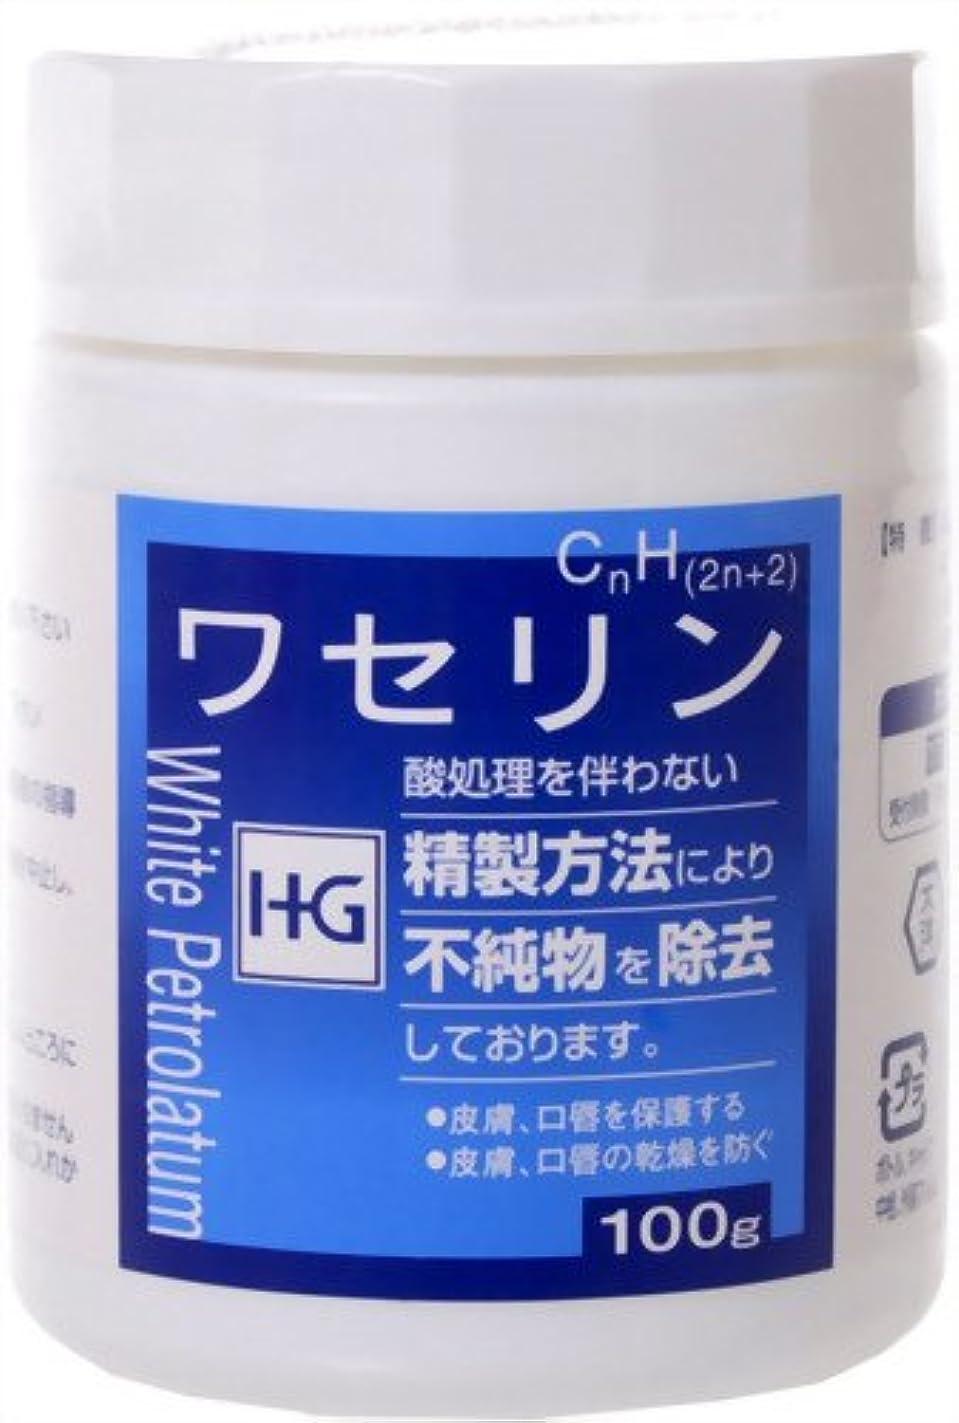 グリル木材乳白ワセリンHG